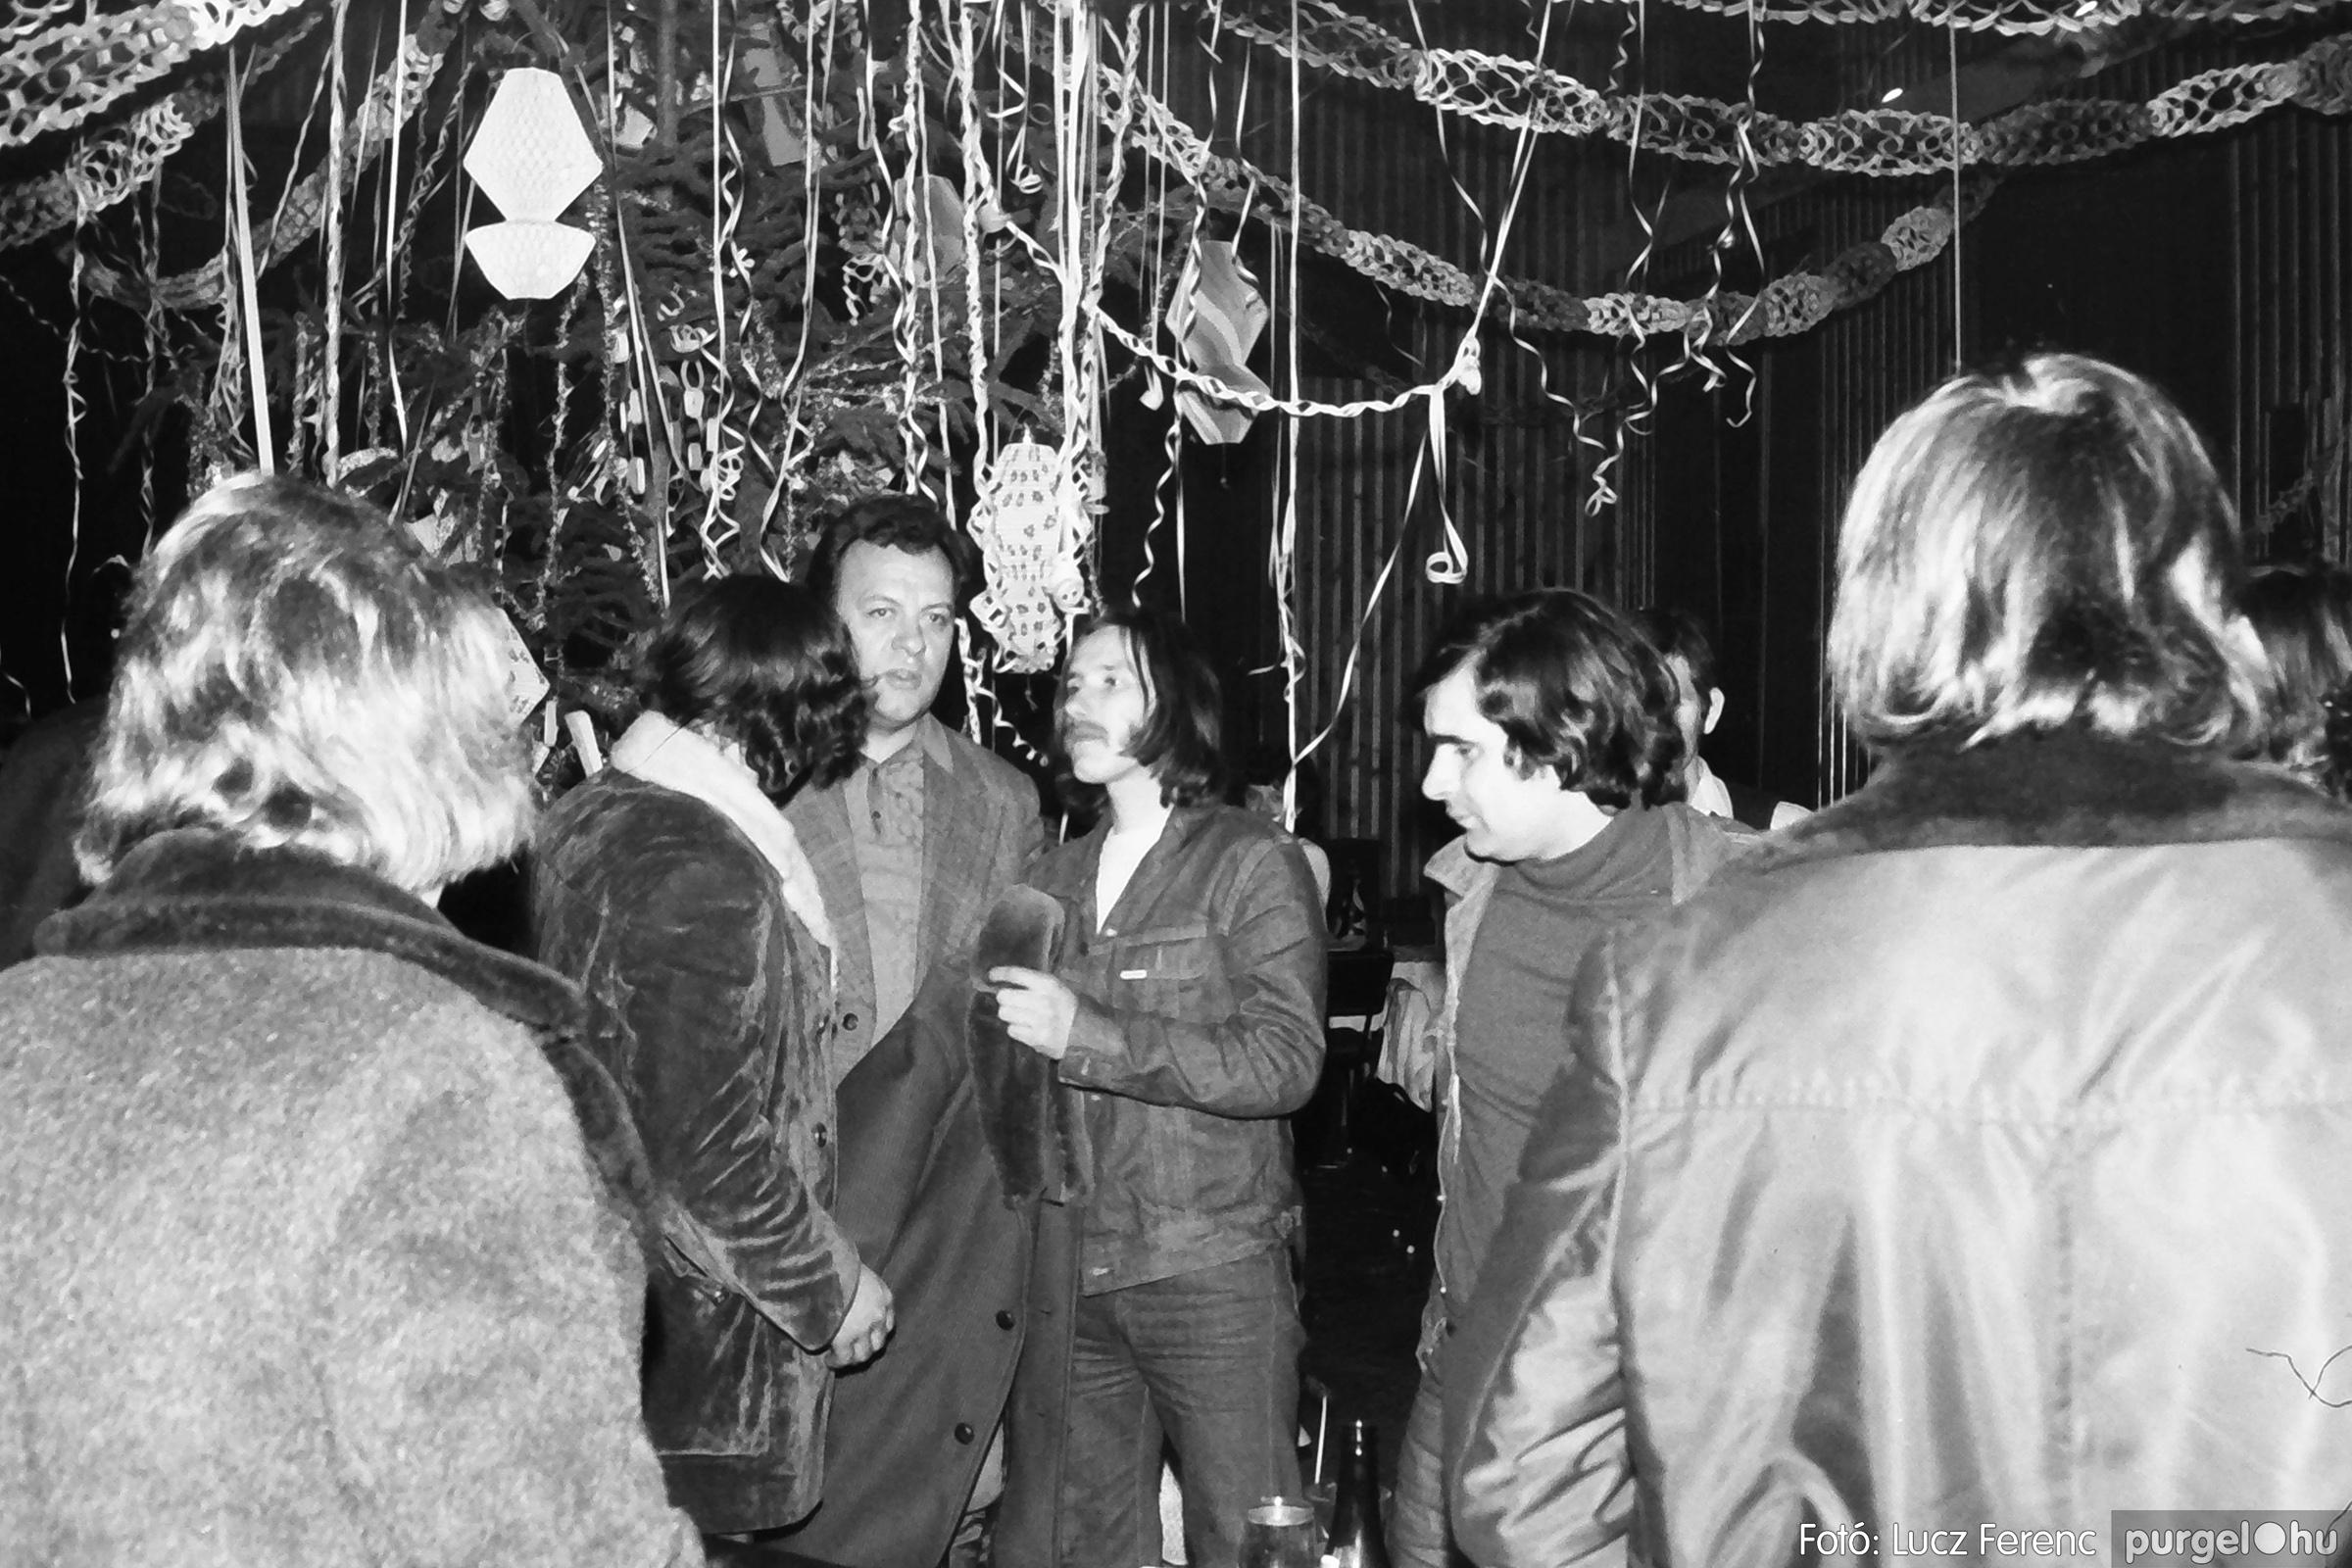 097. 1977.12.31. Szilveszter a kultúrházban 005. - Fotó: Lucz Ferenc.jpg